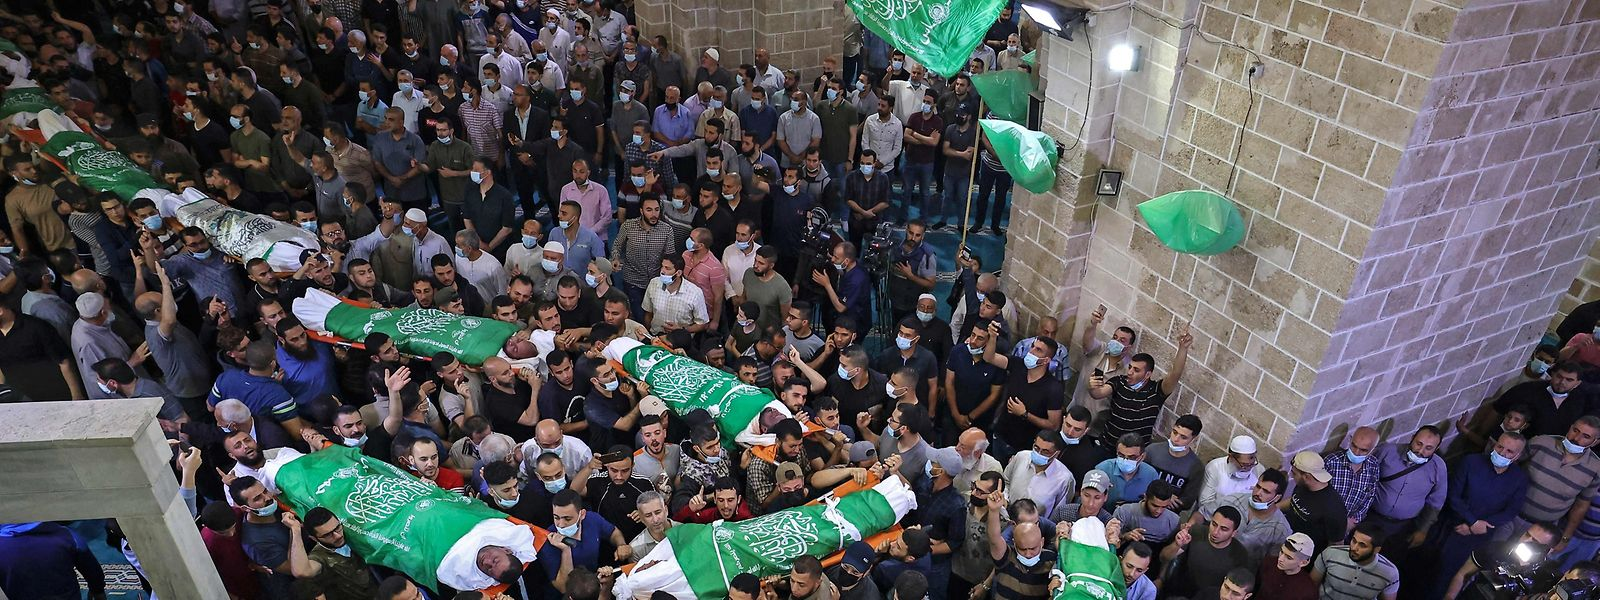 Beerdigung in der al-Omari Moschee in Gaza: Palästinenser tragen die Leichen von 13 Hamas-Kämpfern, die bei israelischen Luftangriffen getötet wurden.